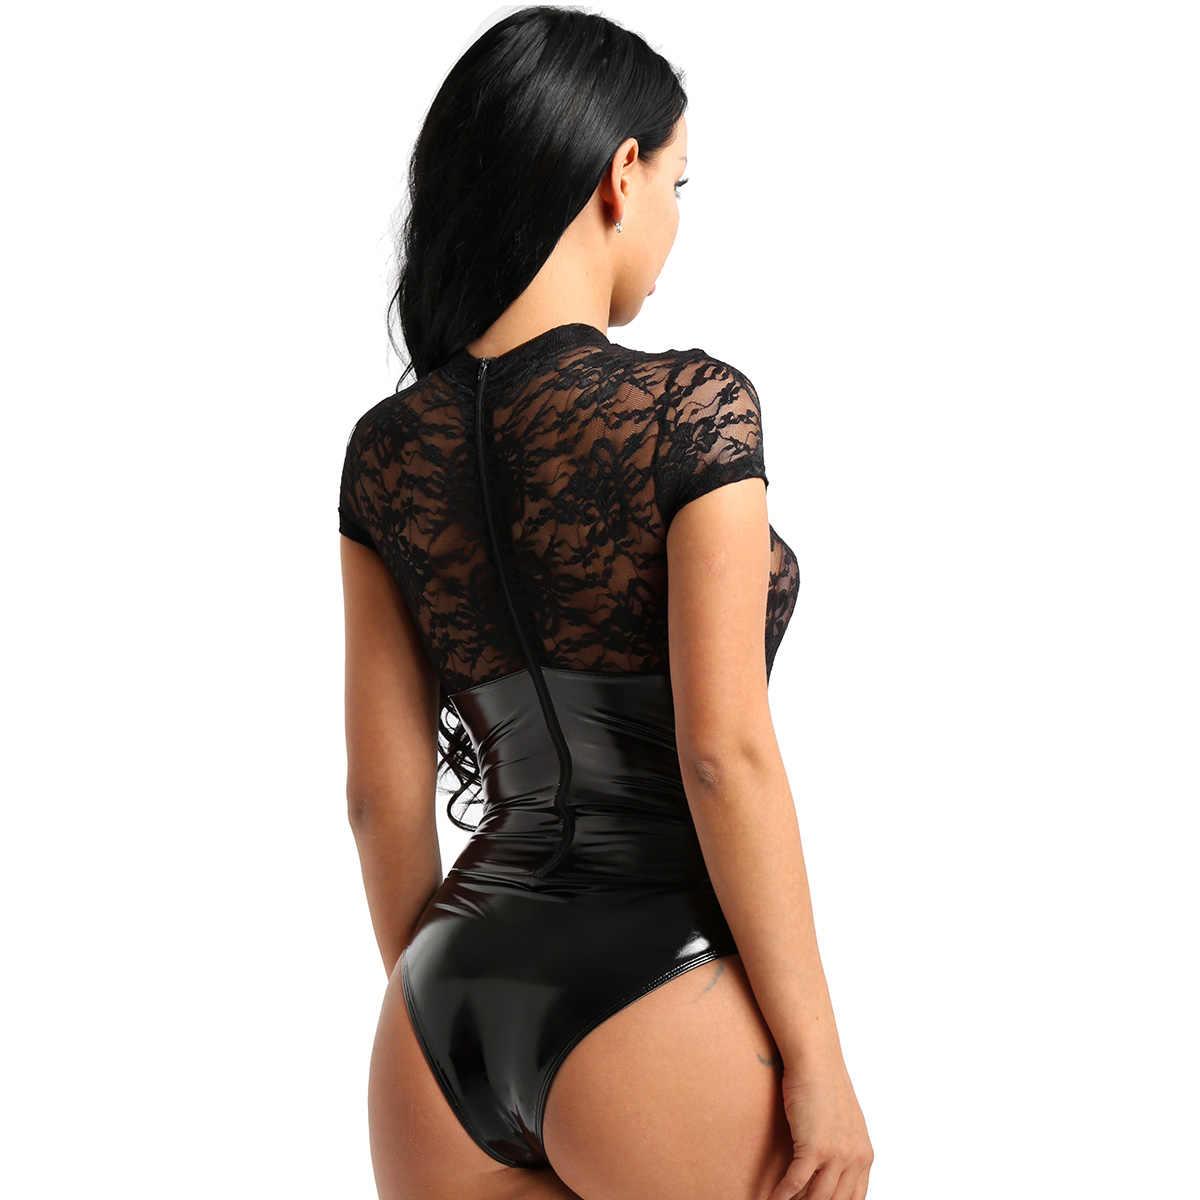 1190e46b9 ... Womens Female Wetlook Clubwear Faux Leather Lingerie Top Lace Splice  High Cut Back Zipper Teddy Bodysuit ...